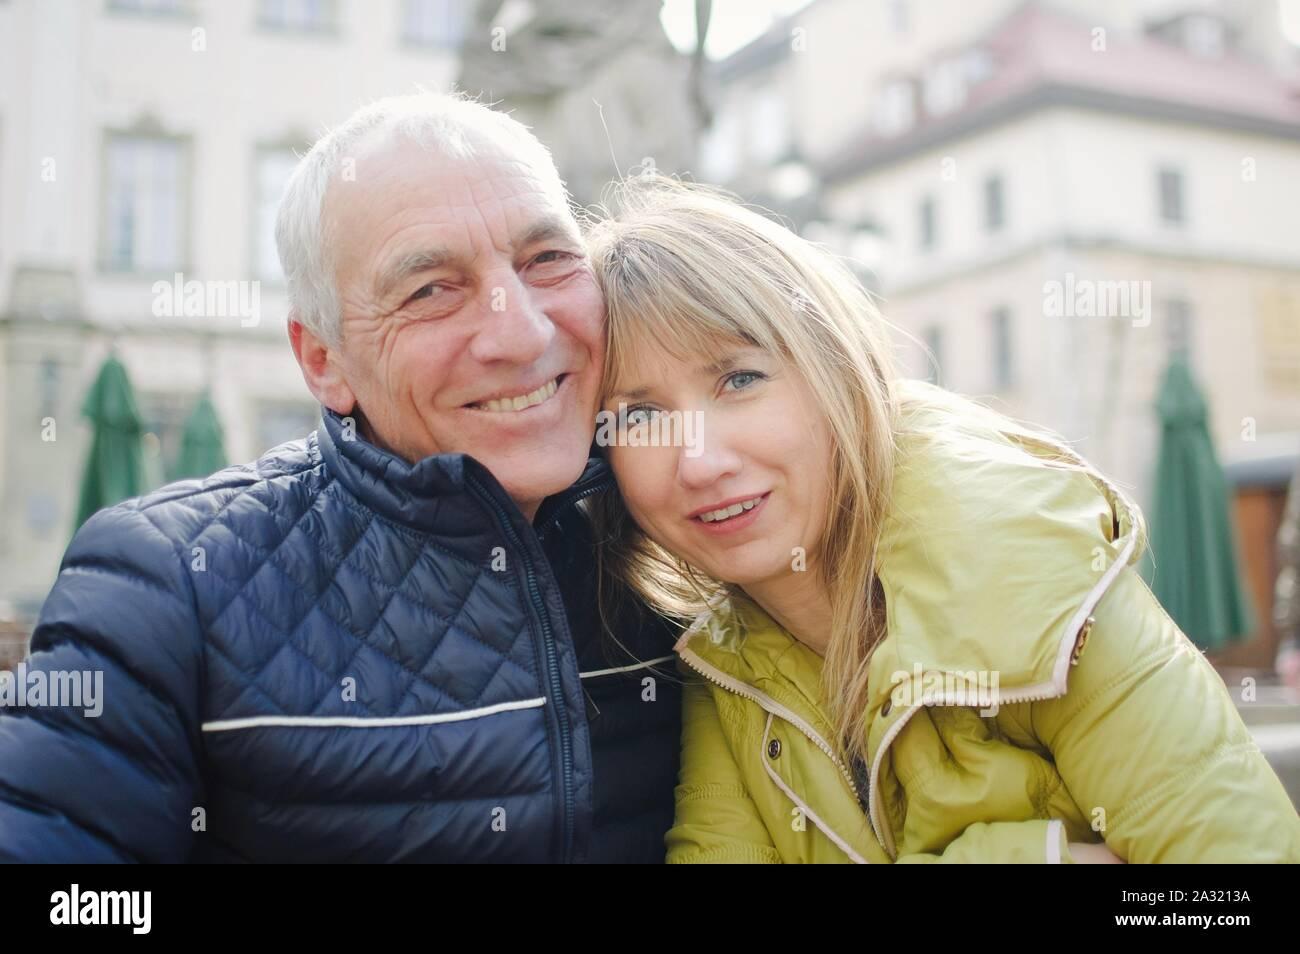 Bel uomo anziano è abbracciando la sua giovane moglie bionda di trascorrere del tempo insieme all'aperto nella città antica in primavera o in autunno. Foto Stock